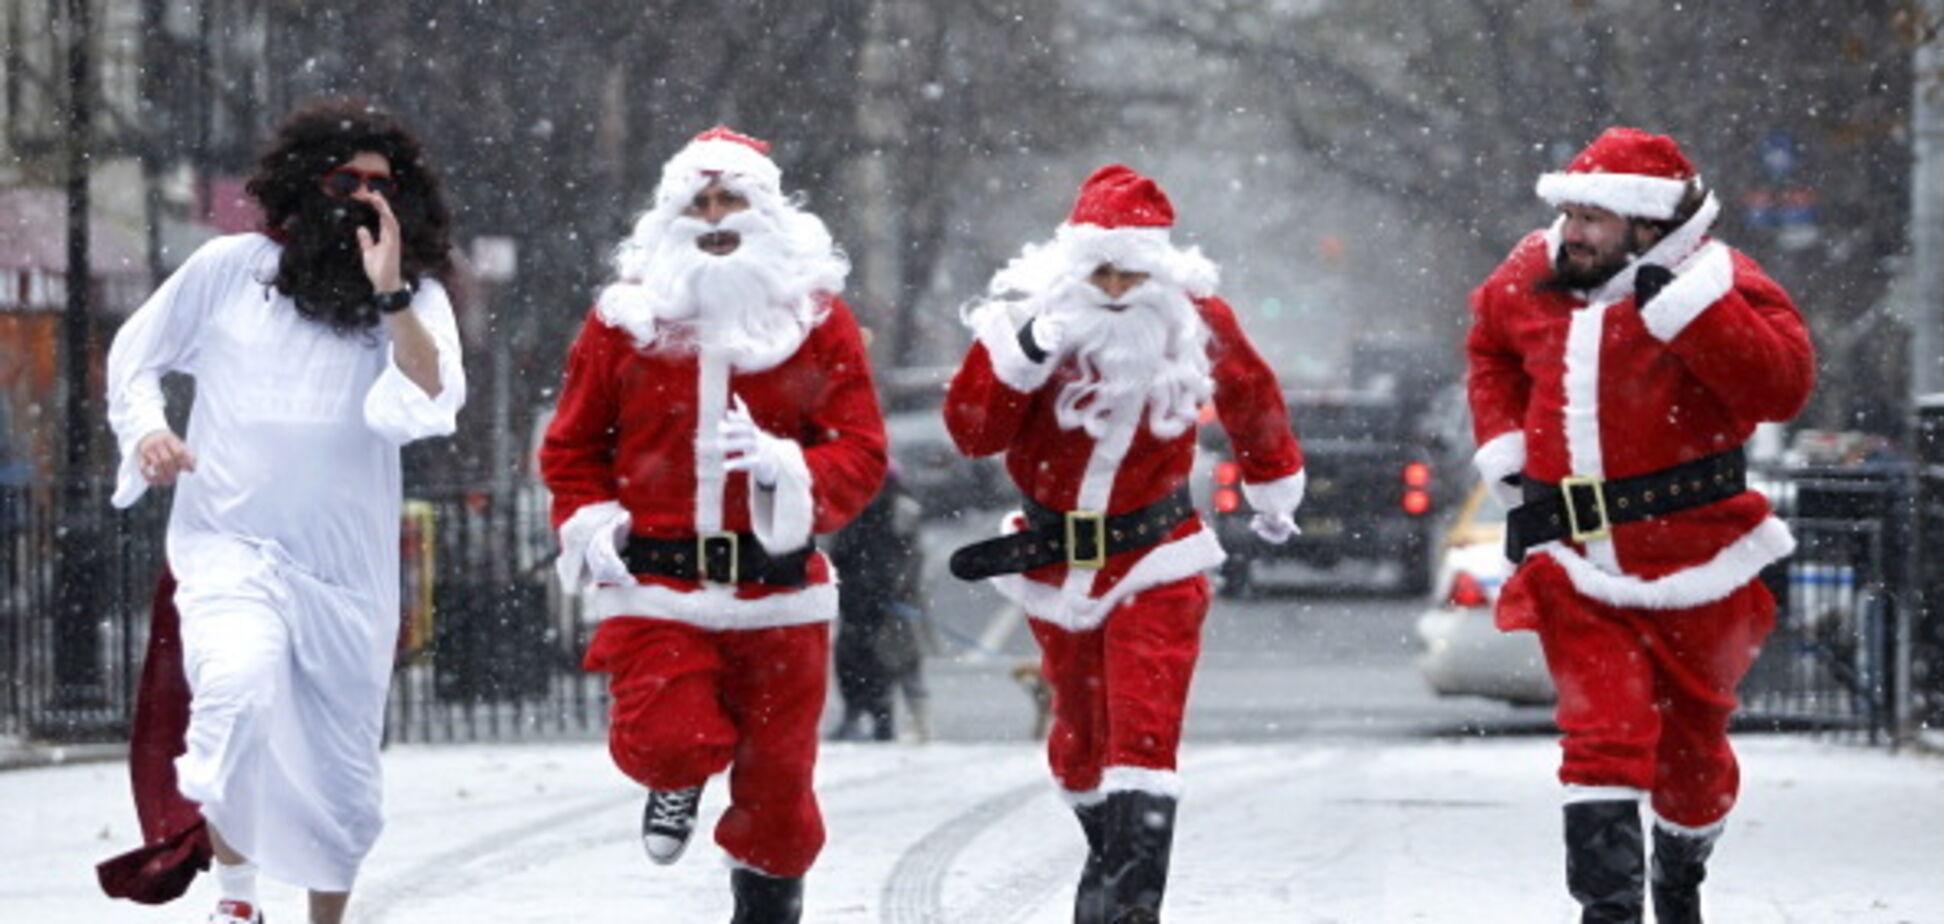 Як правильно вибрати Діда Мороза на Новий рік: українцям дали поради